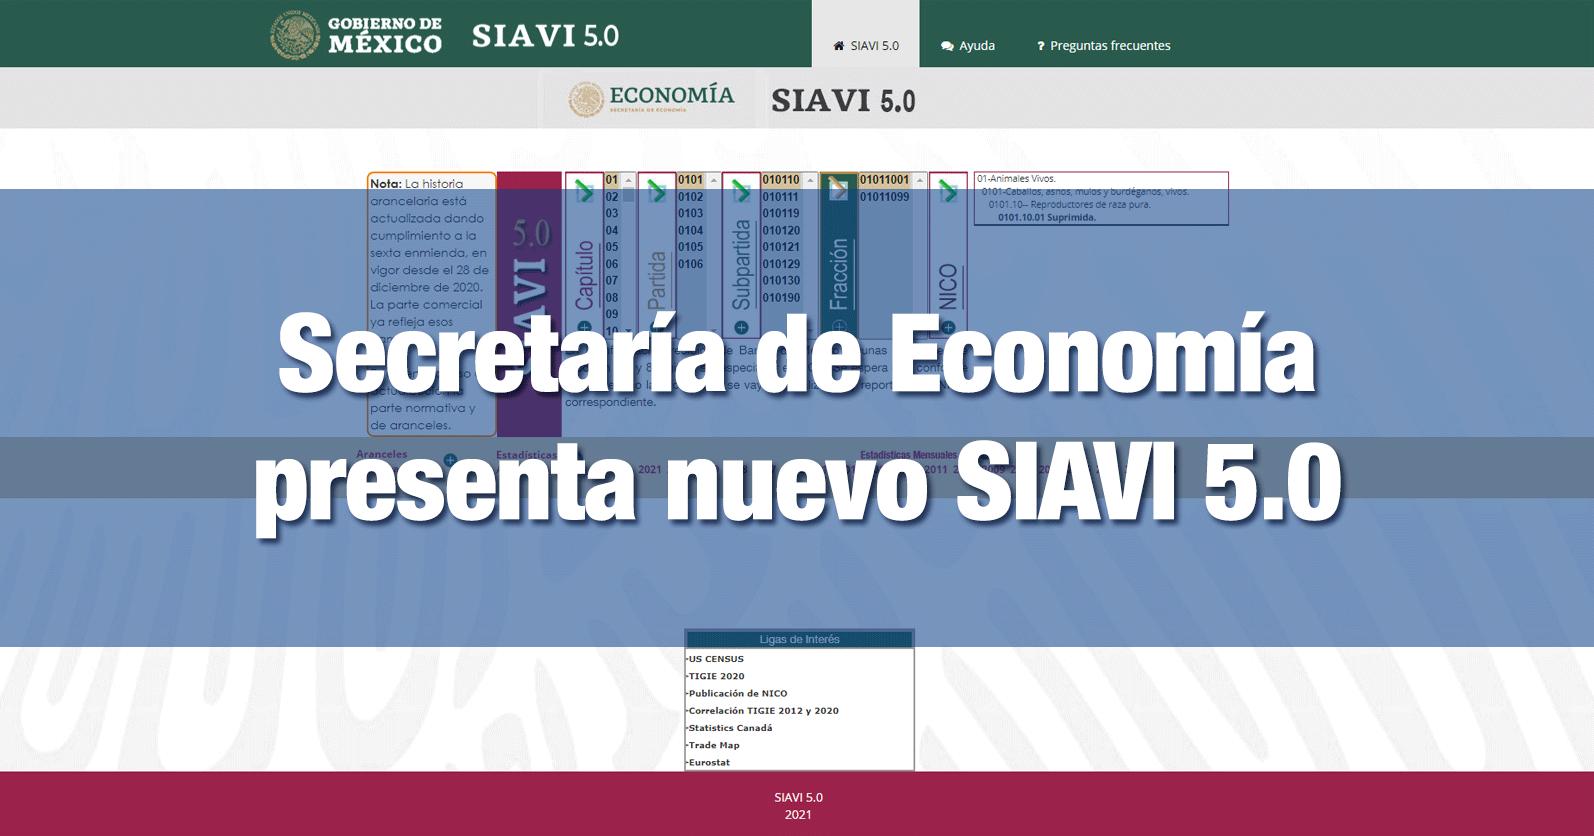 Secretaría de Economía presenta nuevo SIAVI 5.0